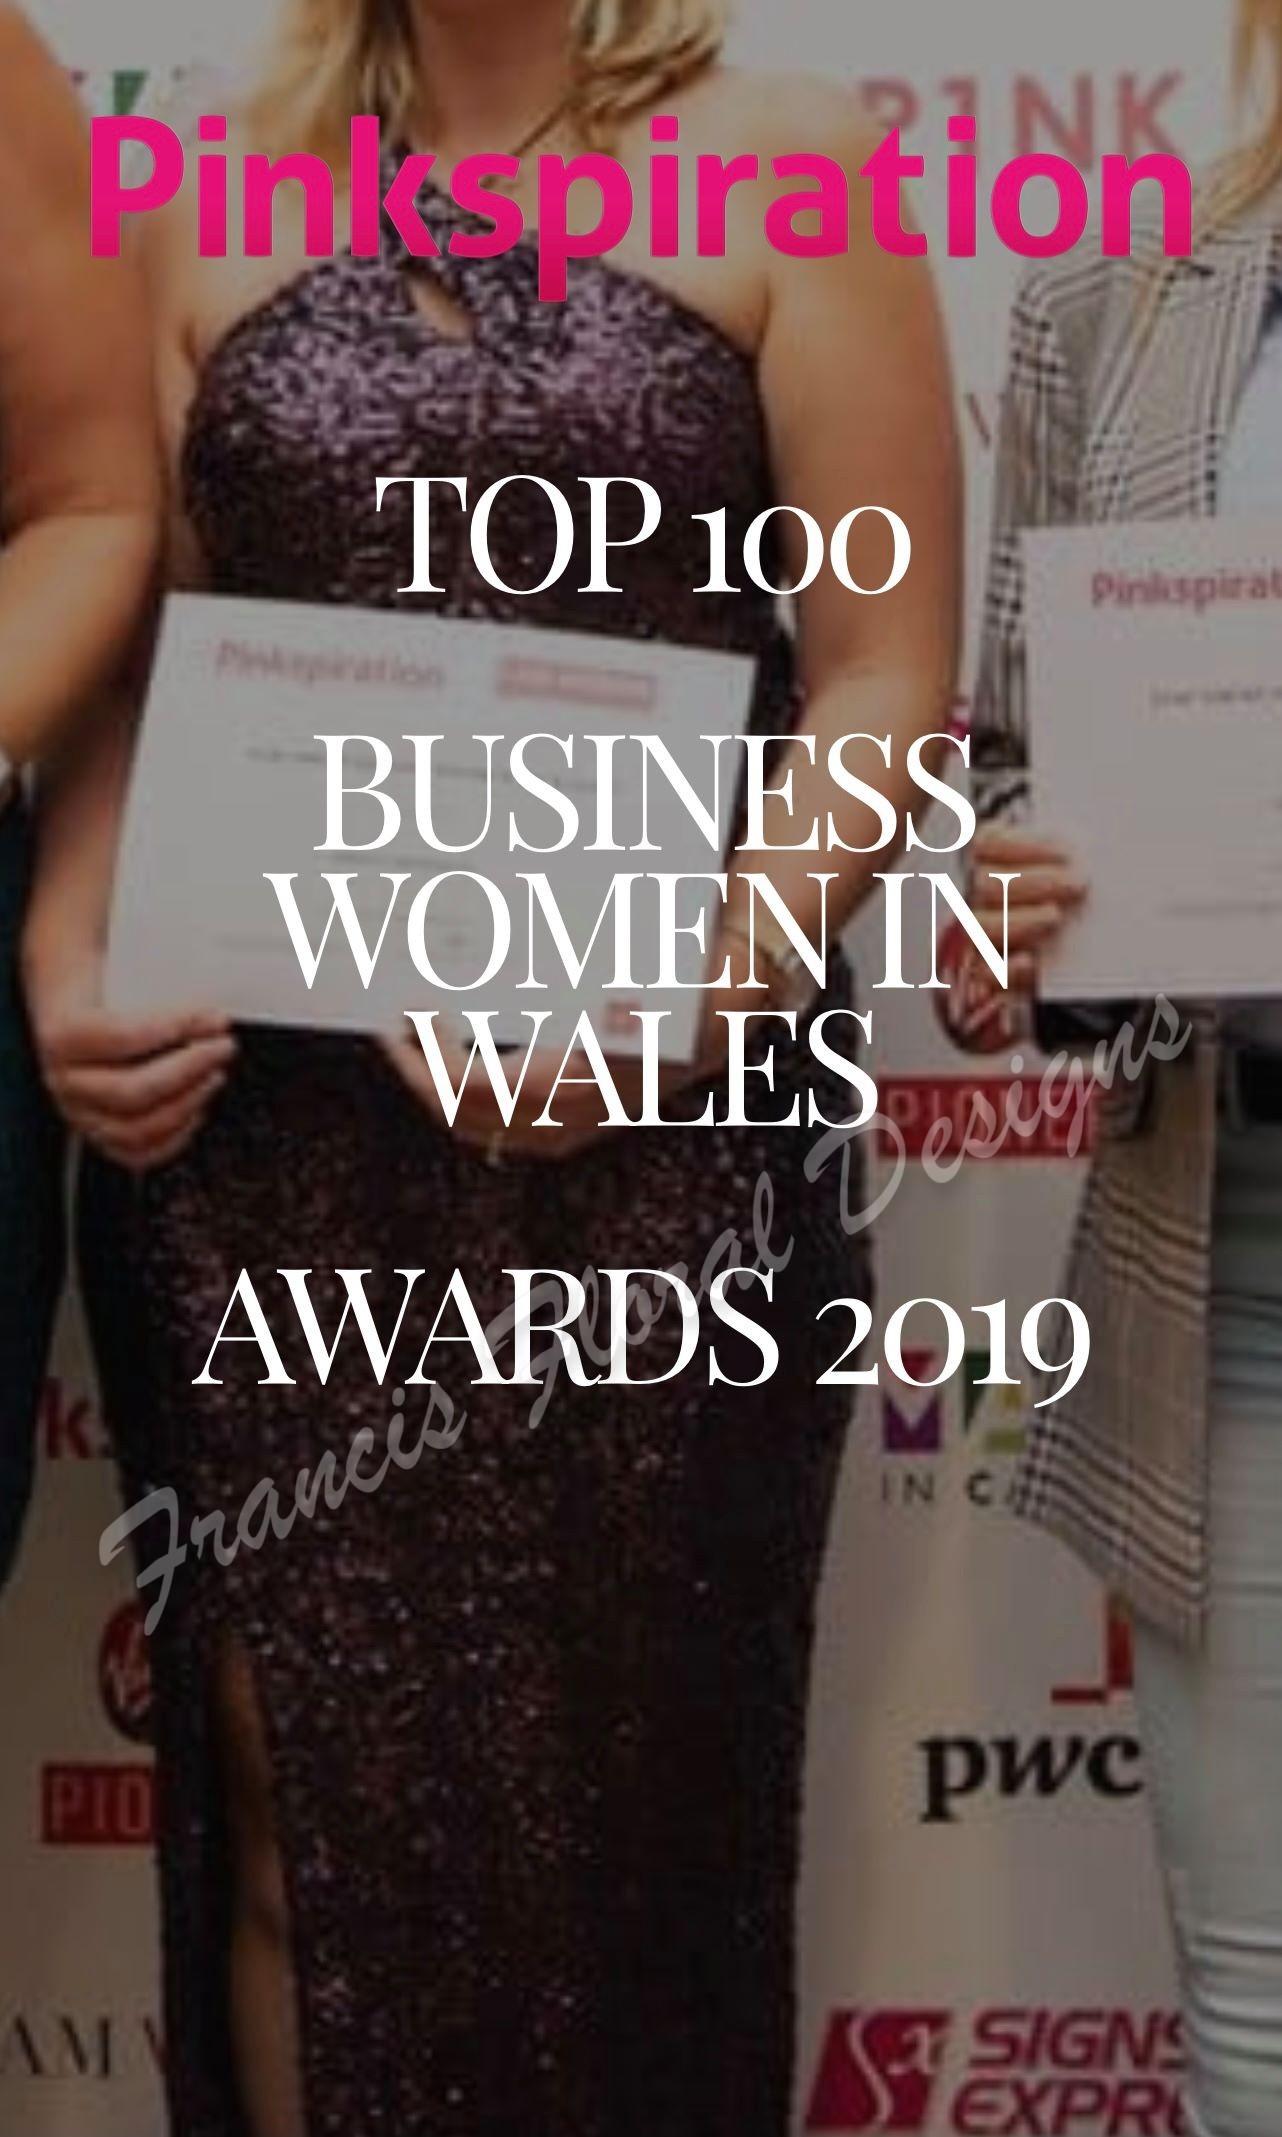 Top 100 business women award